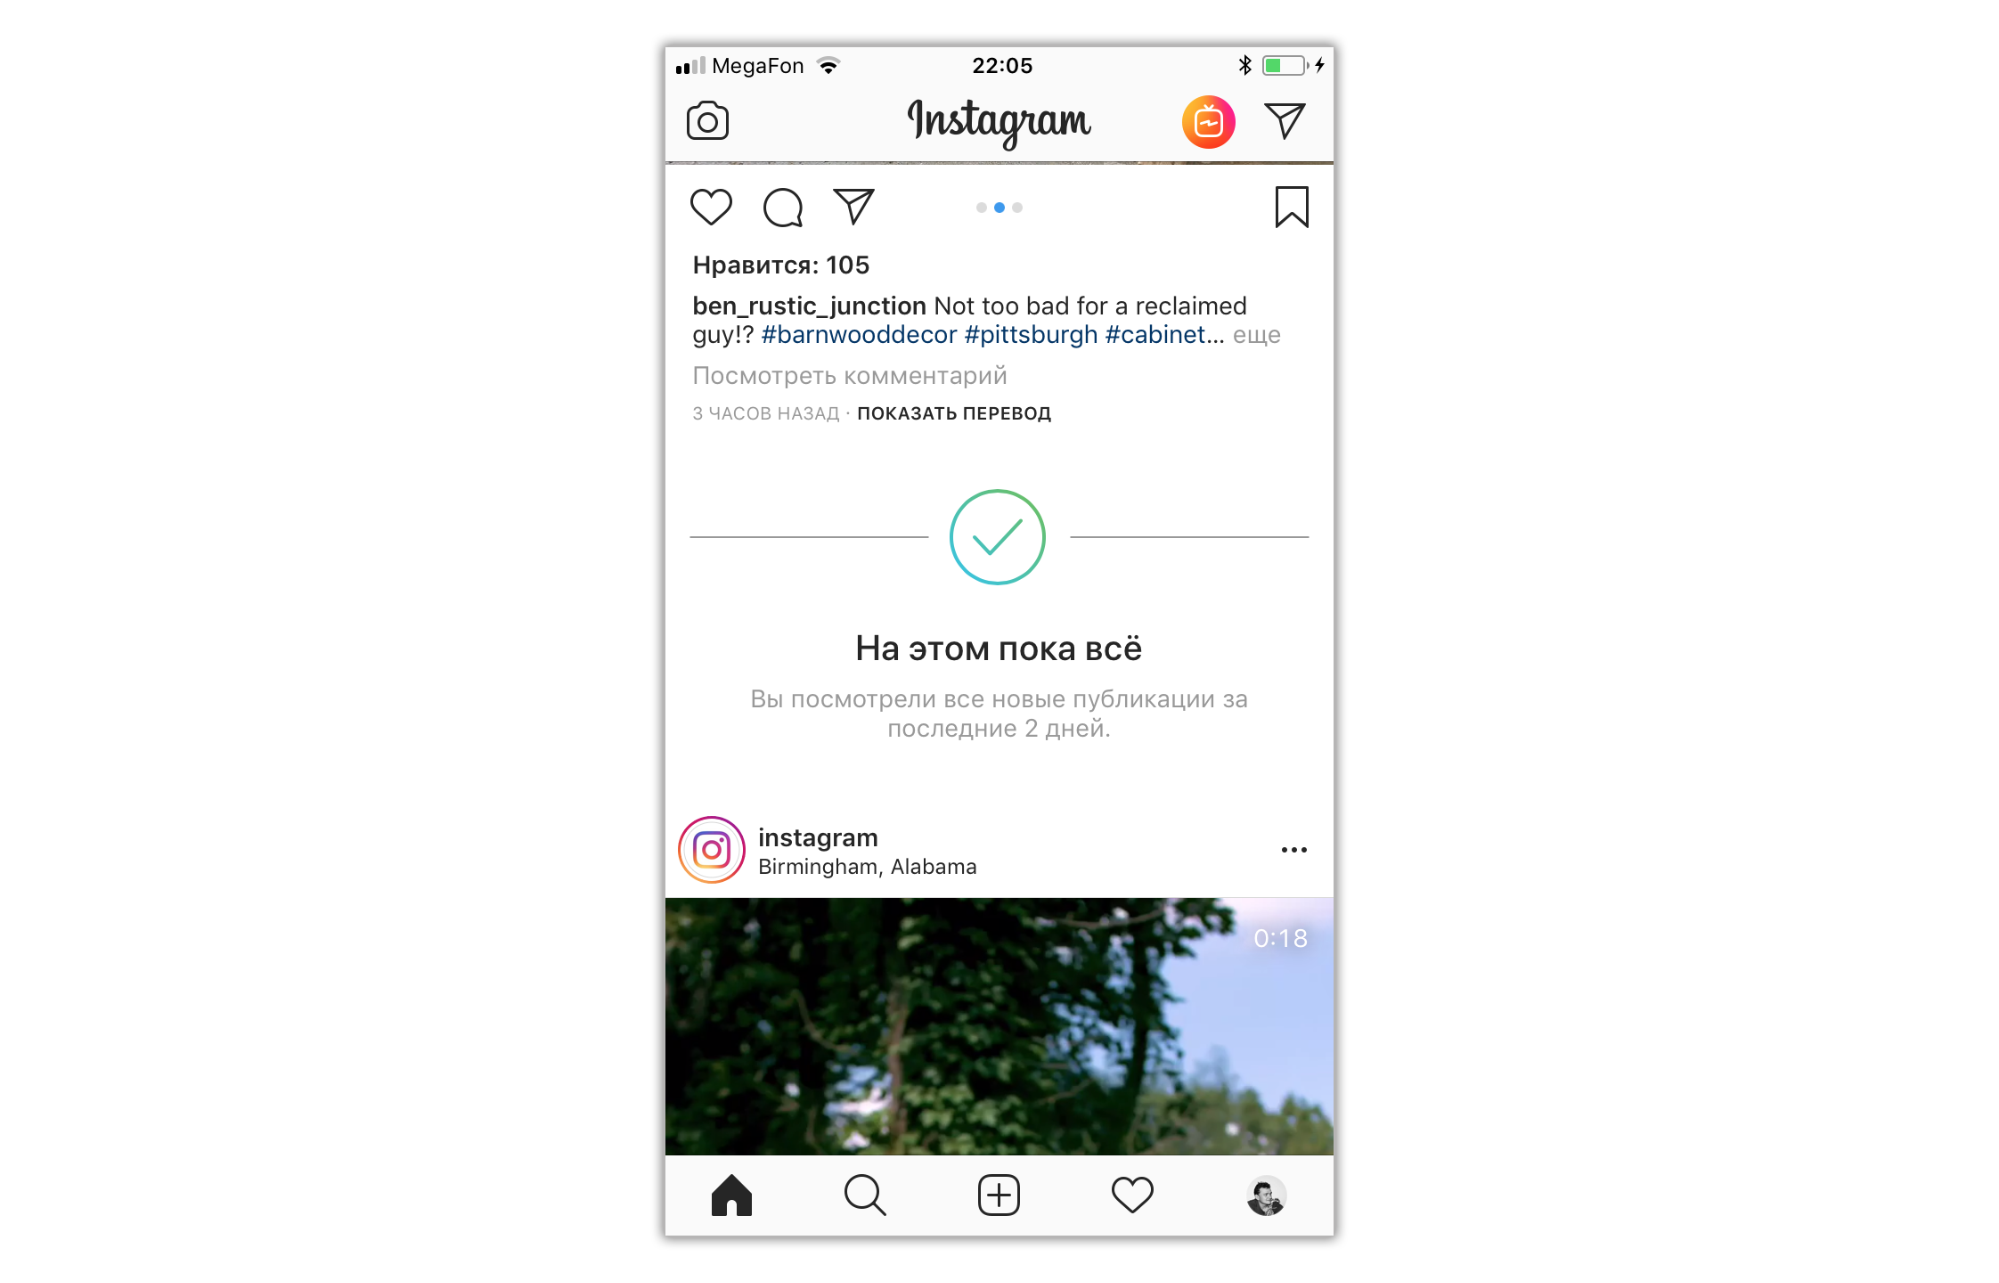 3-chto-daet-plashka-na-ehtom-vse-v-instagrame